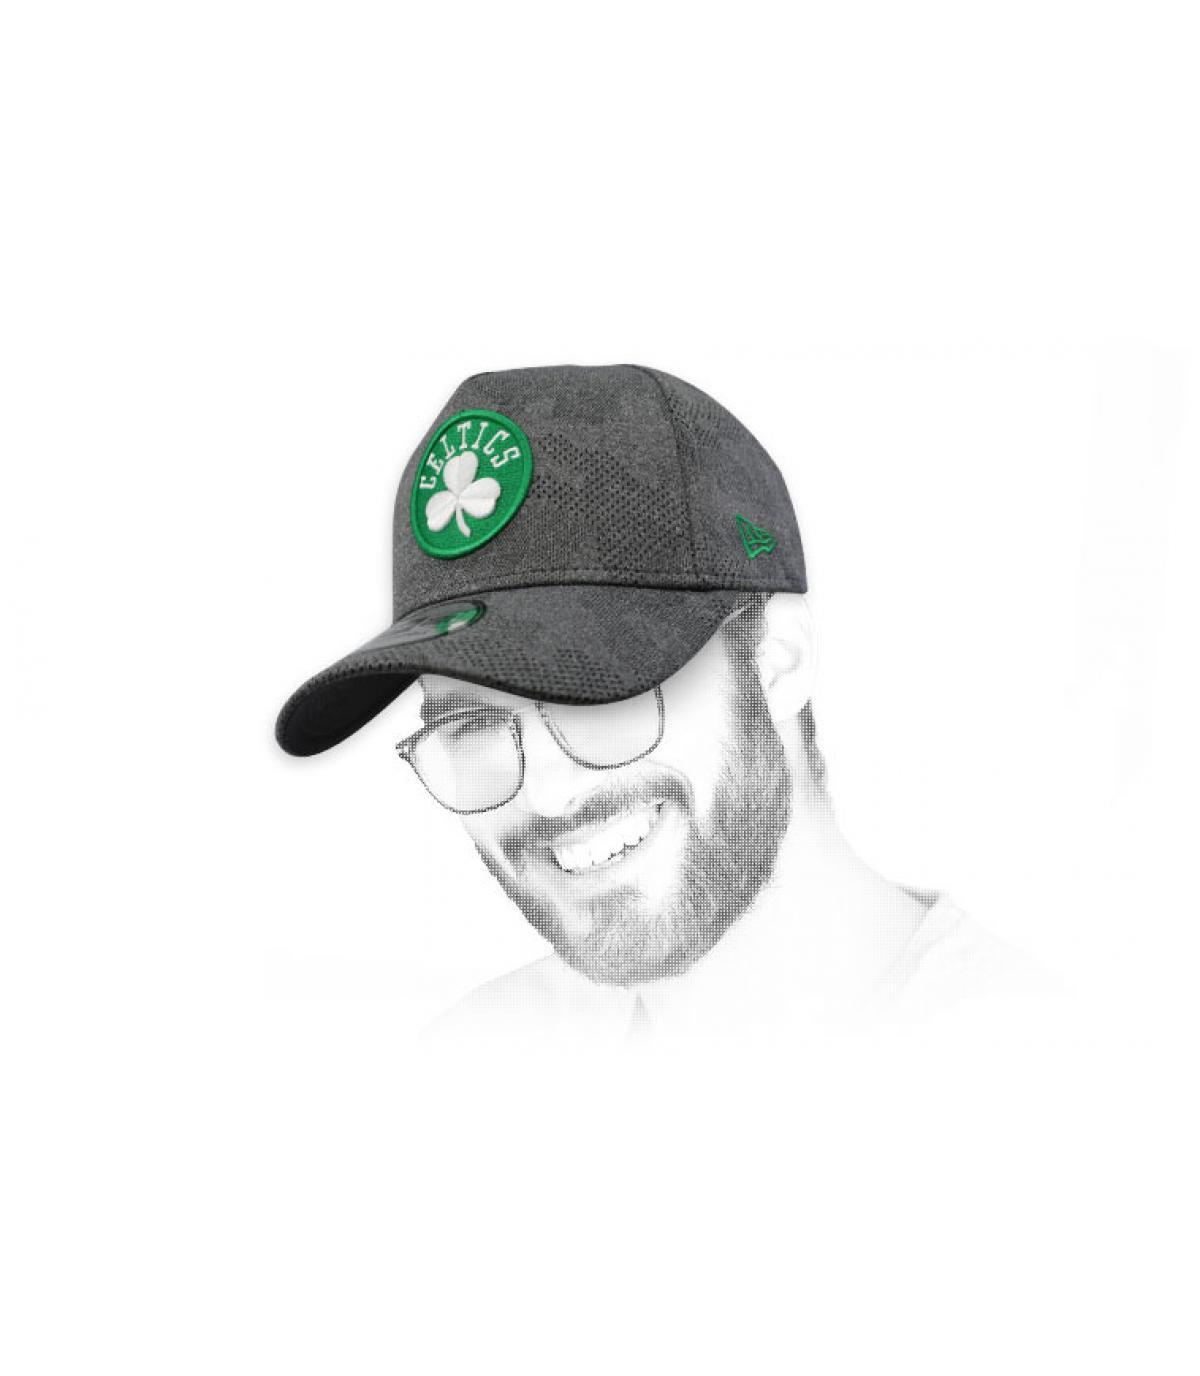 Cappellino Celtics grigio